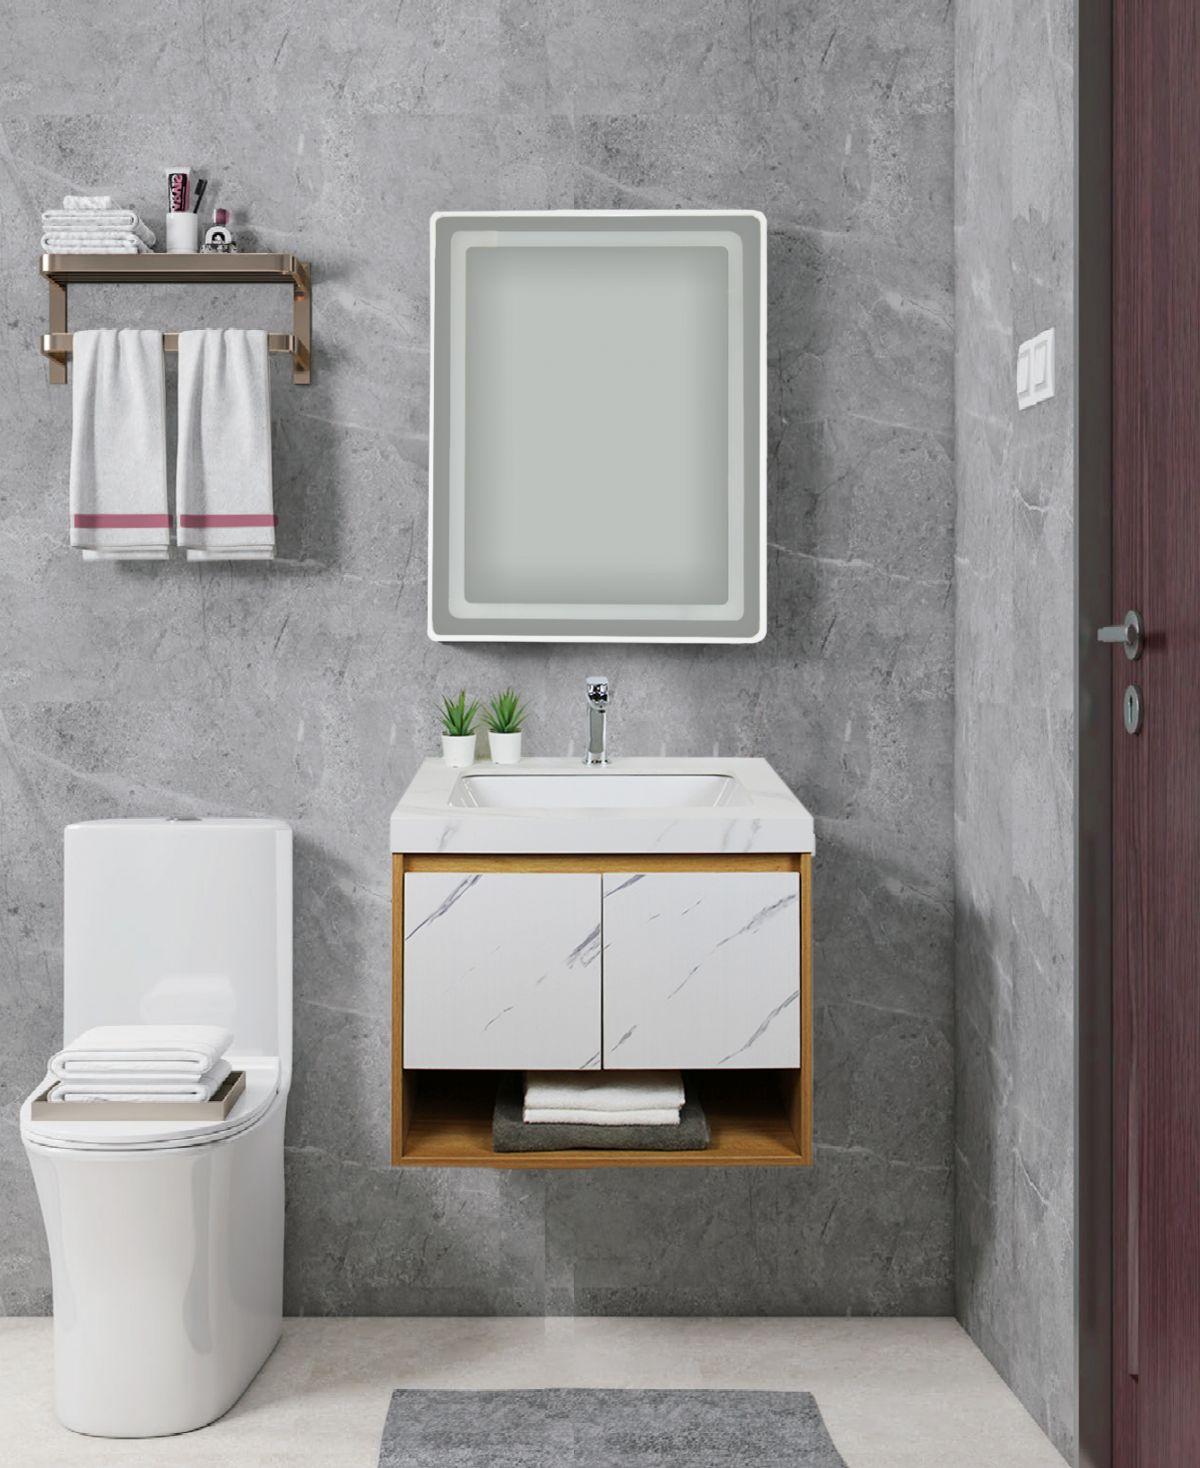 tripoli frontale d 6920 Mobile bagno Tripoli sospeso da 60 cm rovere chiaro e bianco effetto marmo con lavabo e specchio